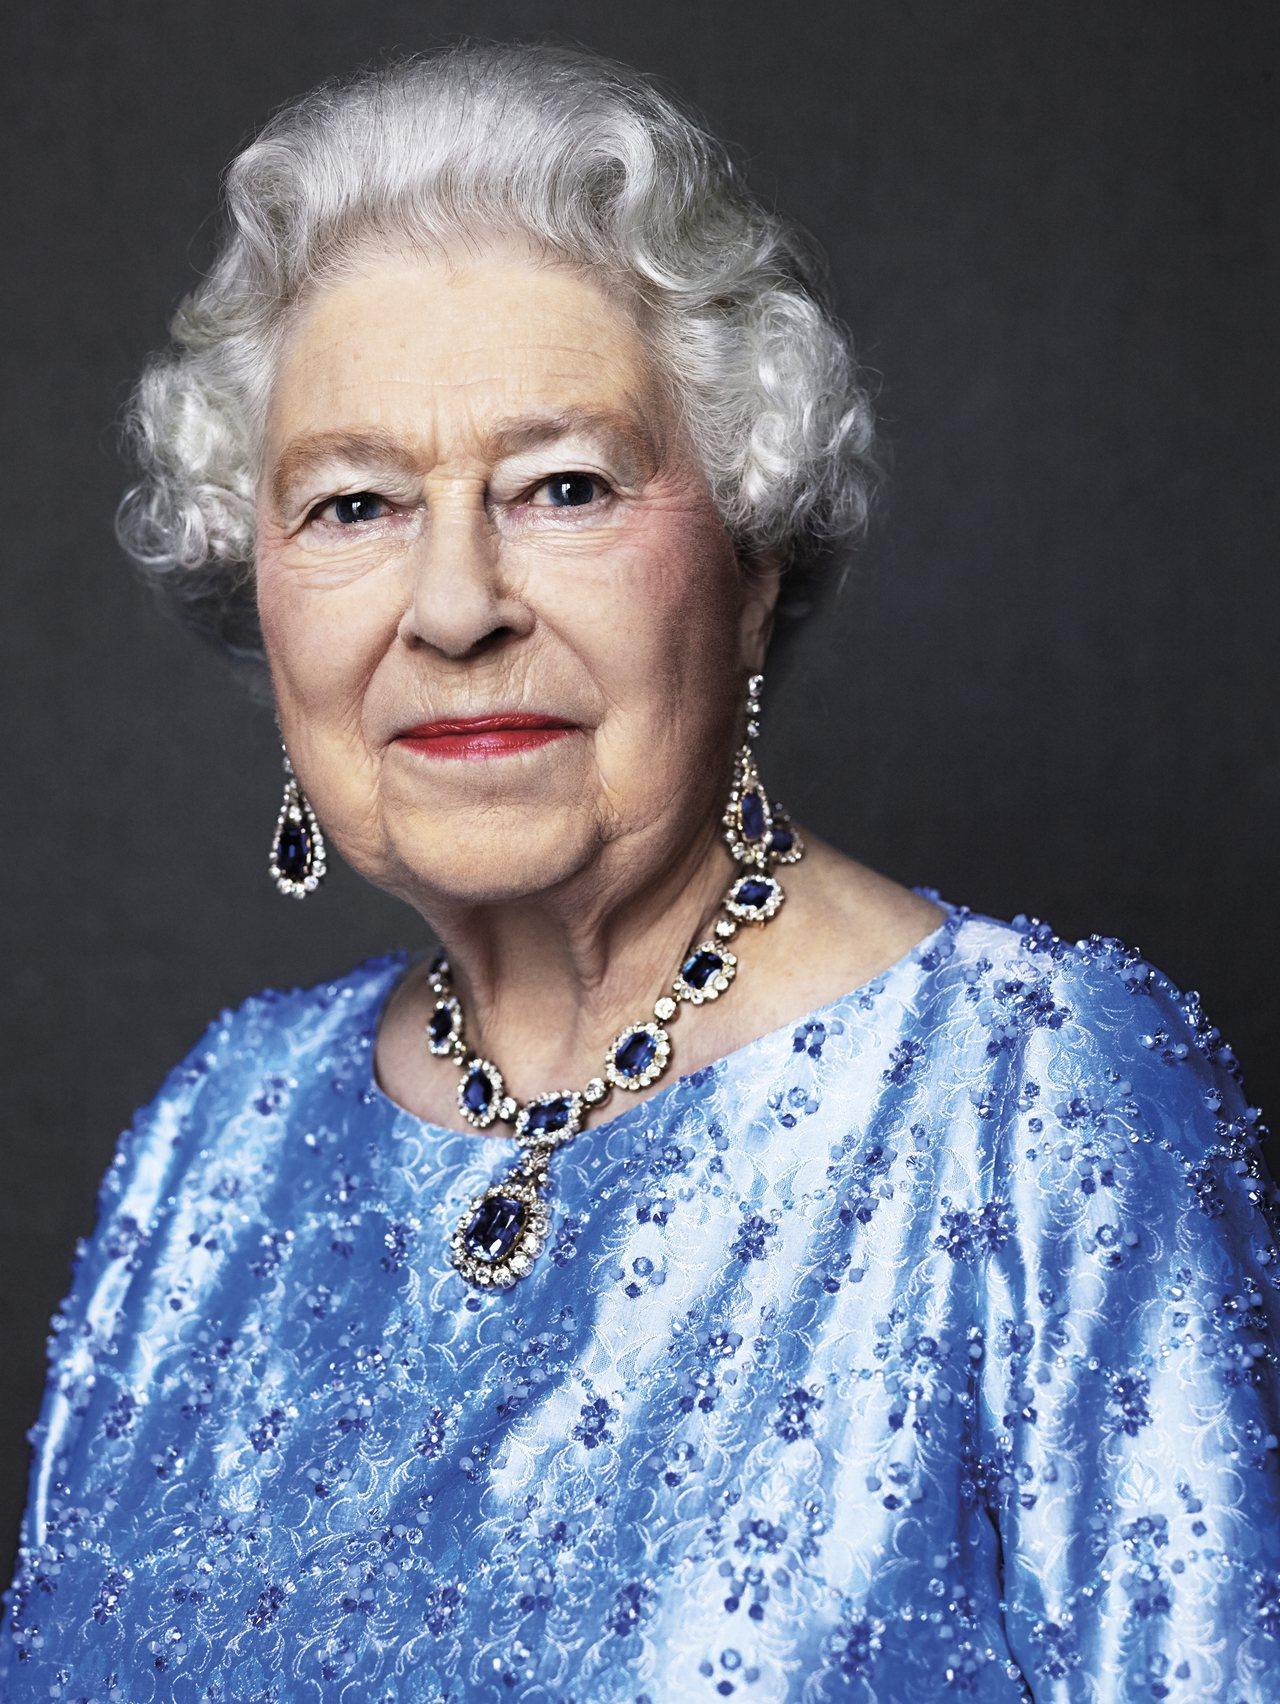 英國女王伊麗莎白二世。 (美聯社)